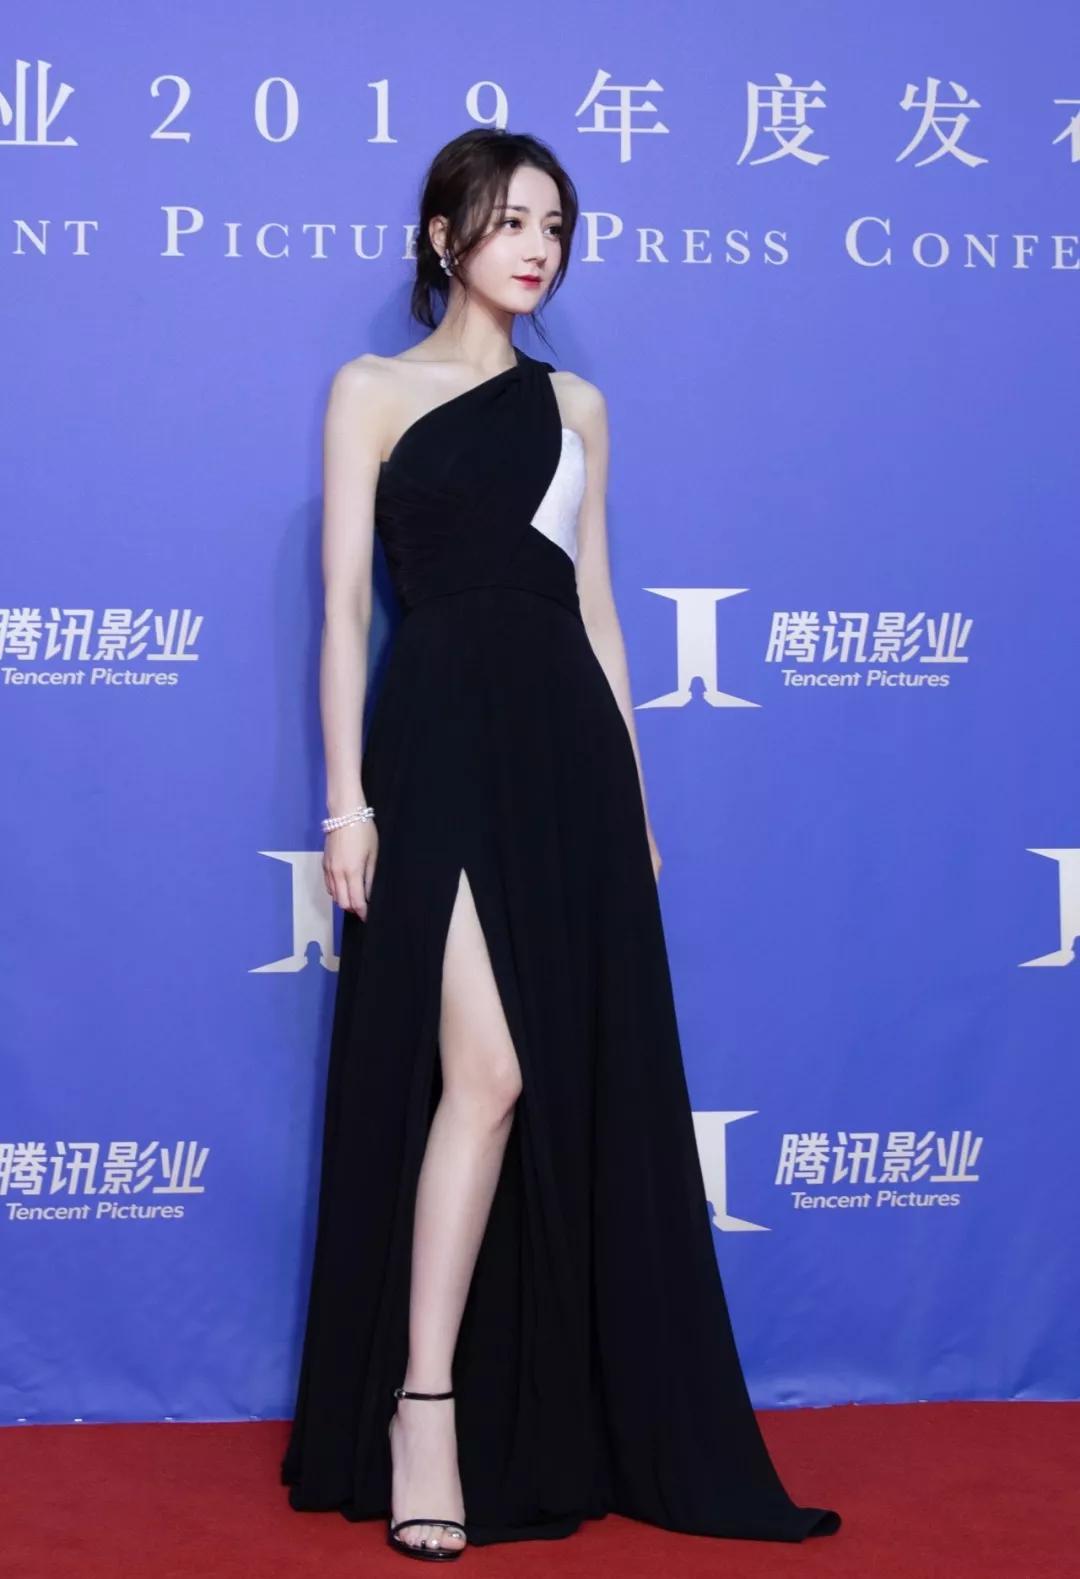 高开衩裙搭配高跟凉鞋